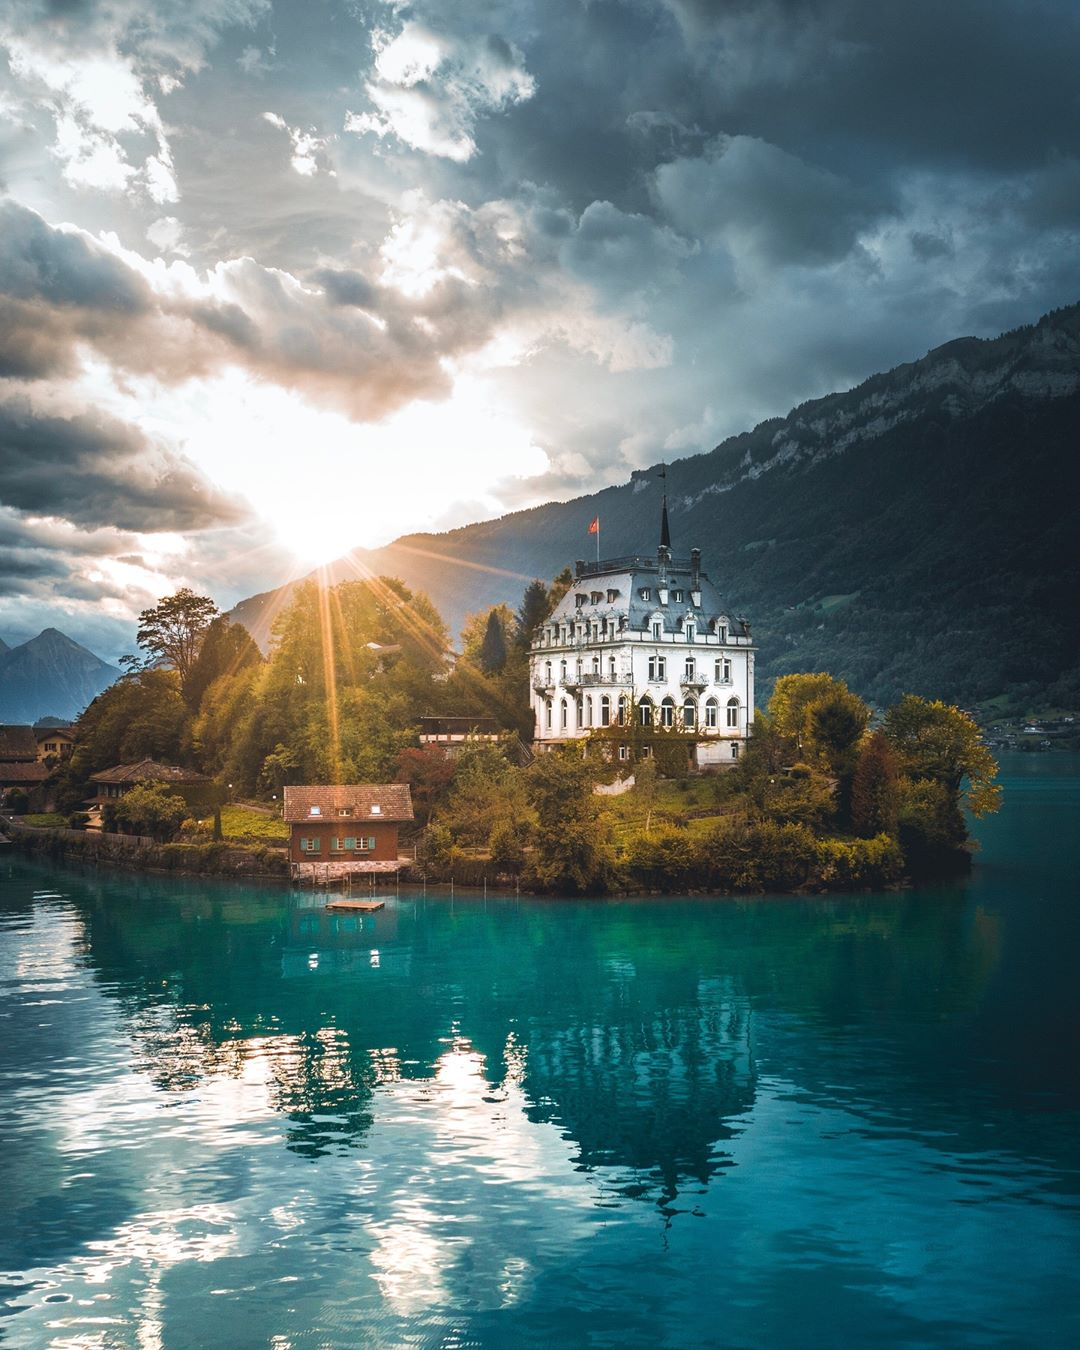 Природа и путешествия на снимках Юрга Хостеттлера